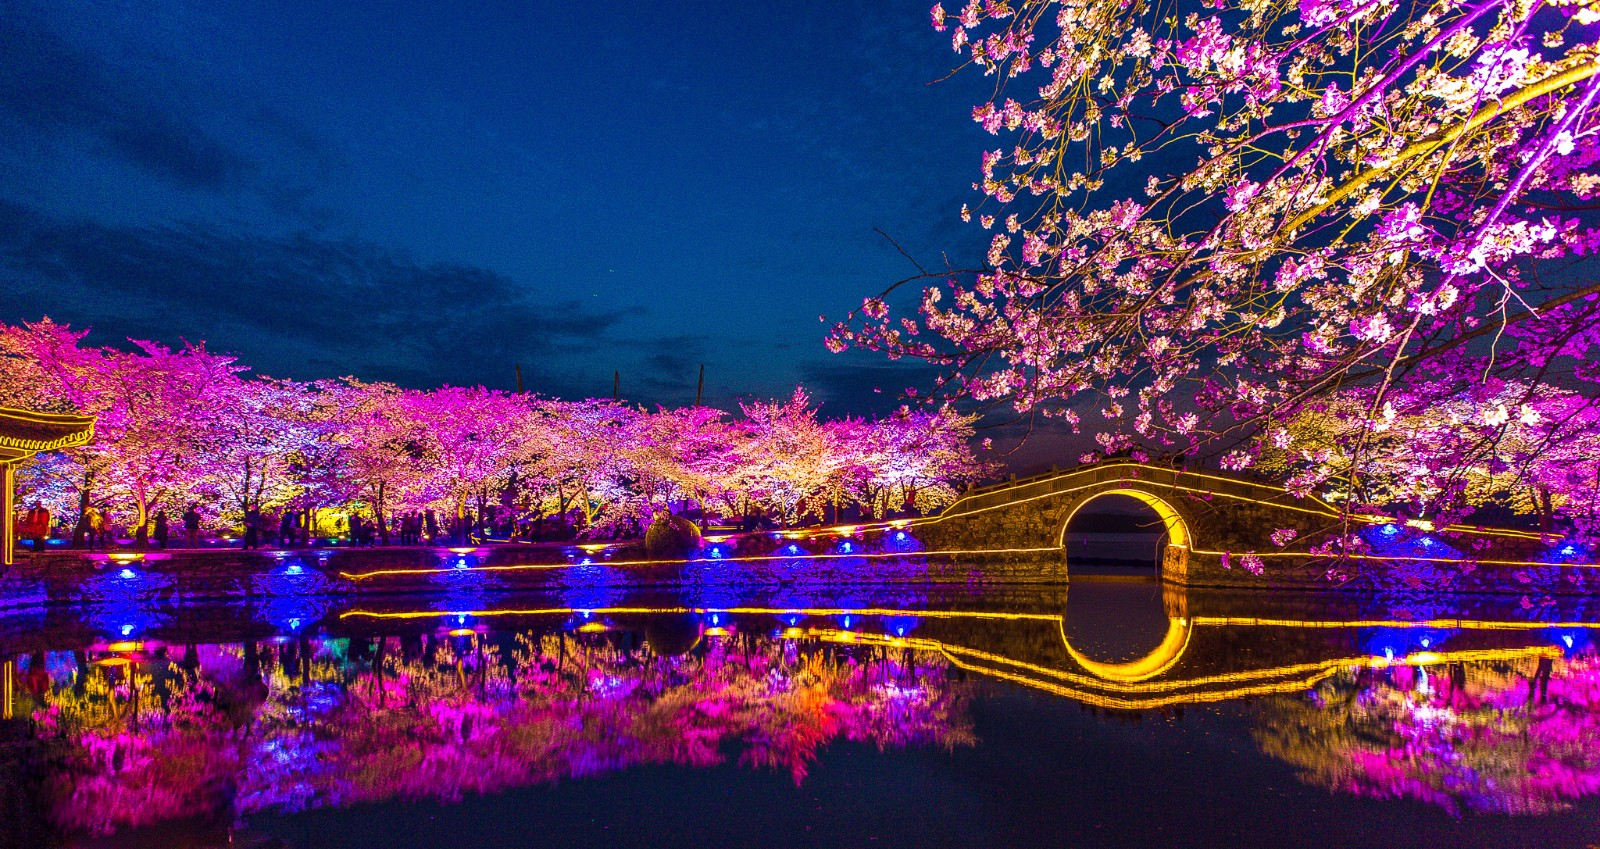 鼋头渚赏樱的时间 无锡太湖鼋头渚种植樱花的历史比较悠长,早在上世纪的三十年代,当时鼋头渚的园主杨翰西,曾撰写过《鼋渚艺植录》一书,对自己园内樱花的习性、栽培技术及观赏特性进行详细记载。现在鼋头渚最具视觉冲击力的长春桥两旁的樱花堤,就是当年杨翰西记载的著名的景点之一,长春花漪的名字也来源于它。现园内充山的山脚下,仍保留着当初杨翰西种植的樱花数株,其中胸径最大的一株达46公分,被称为樱花树王。